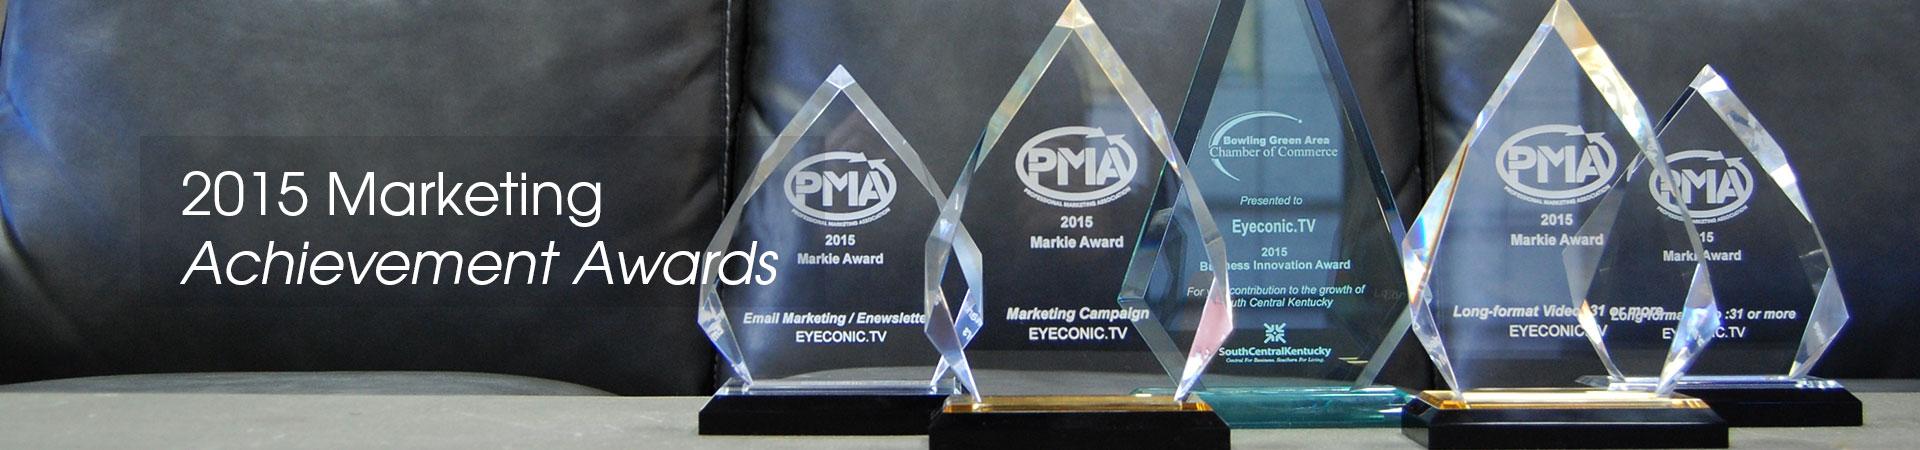 pma-awards-slider